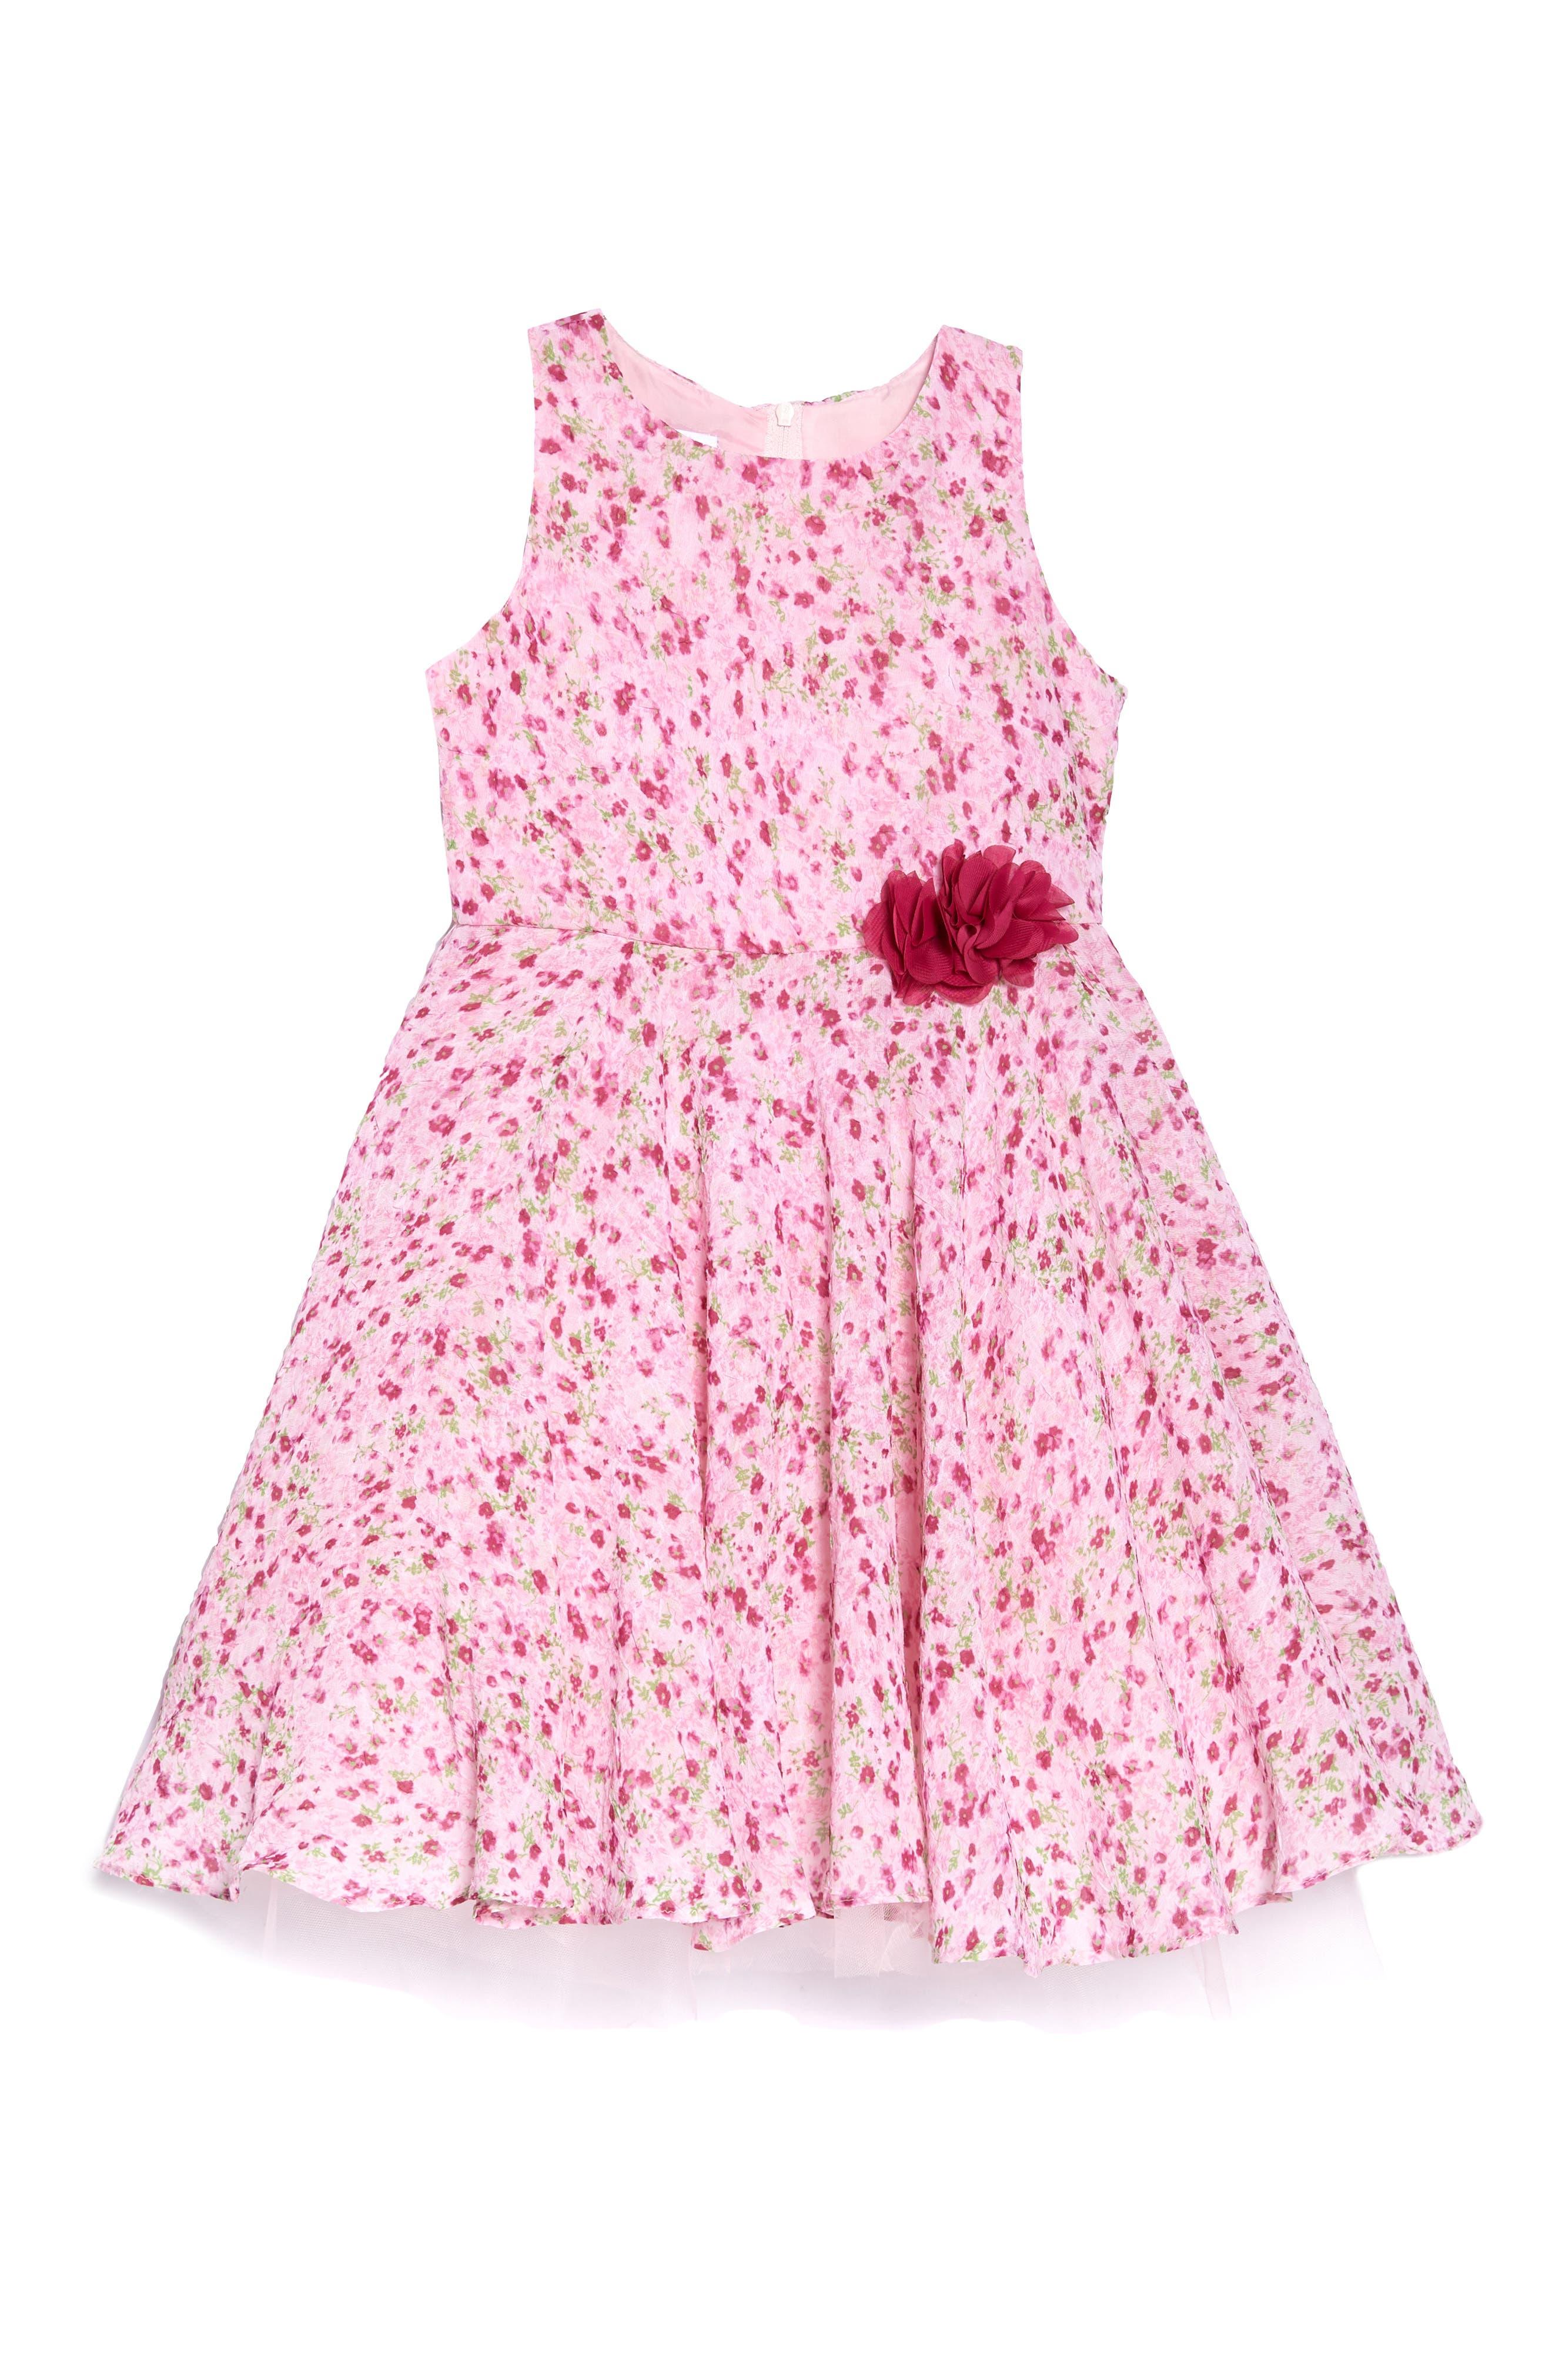 Floral Print Chiffon Dress,                             Main thumbnail 1, color,                             Pink